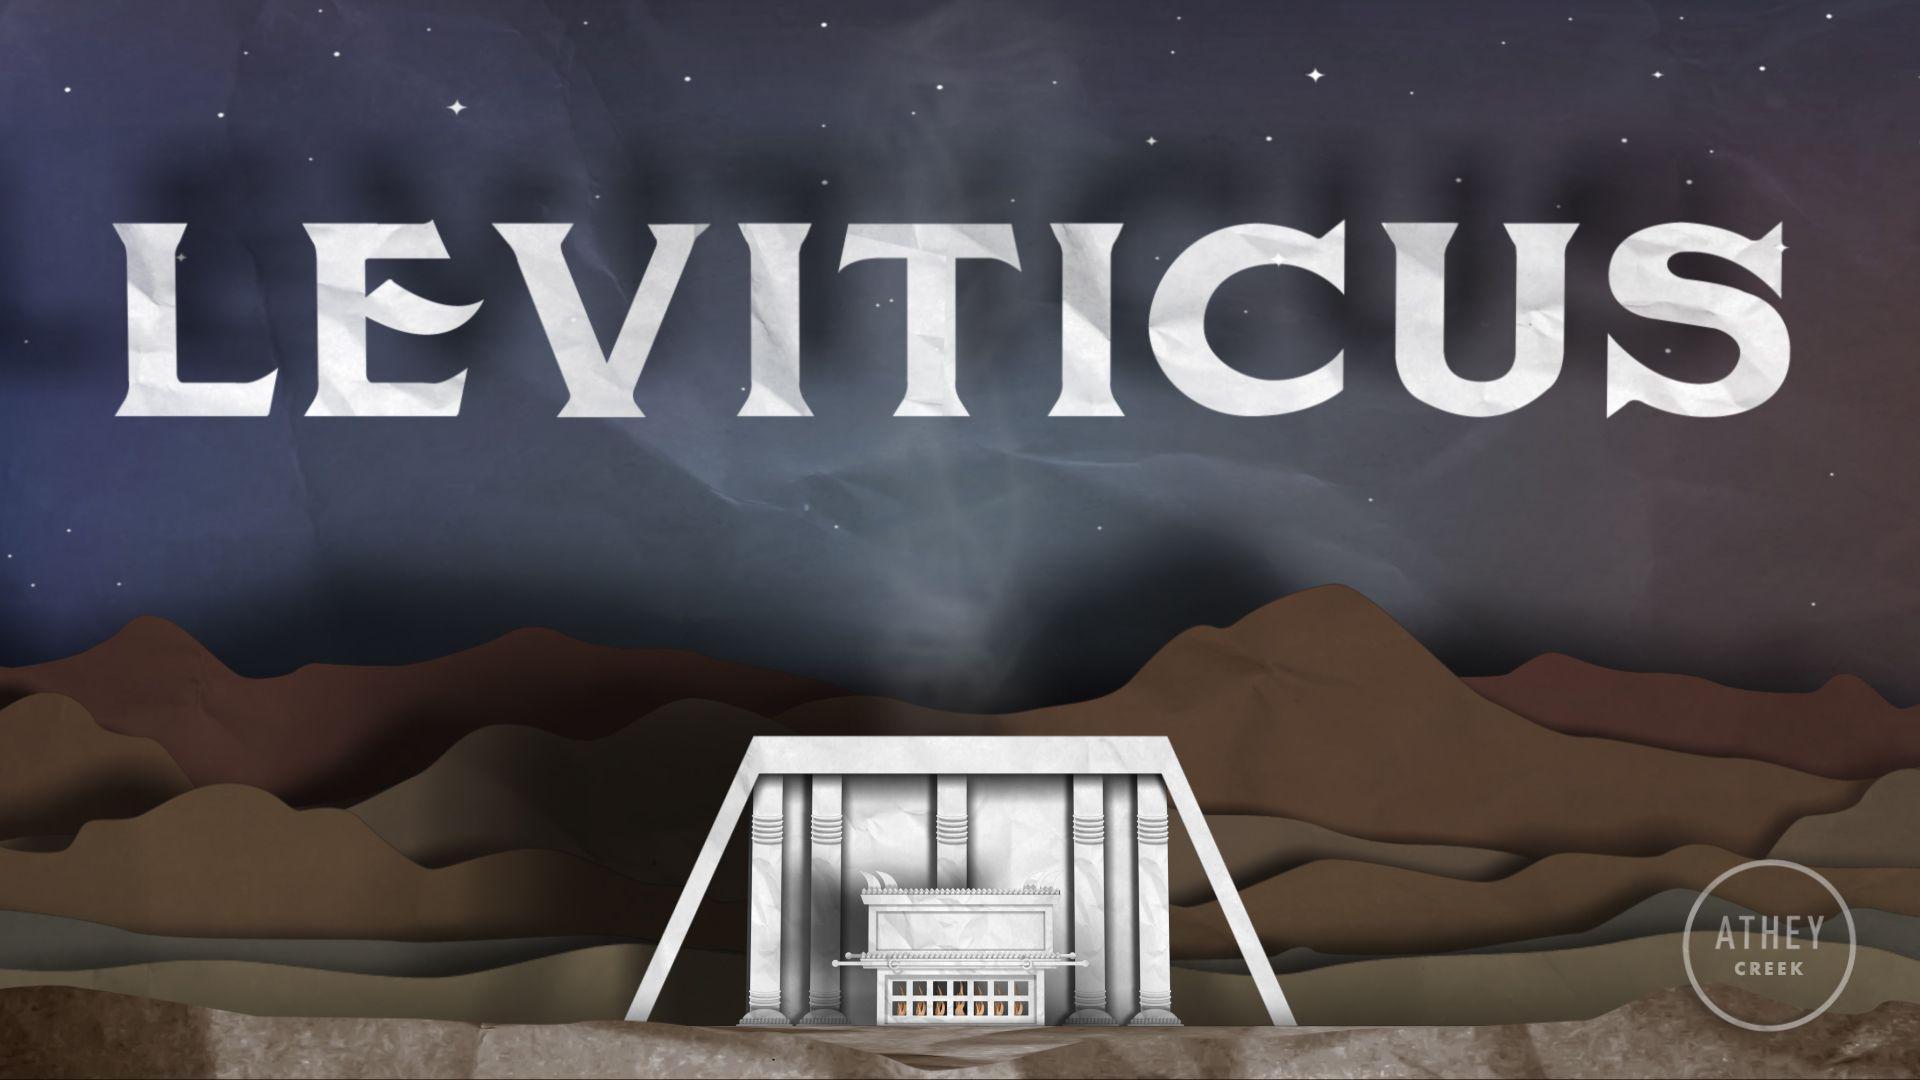 Teaching artwork for Leviticus